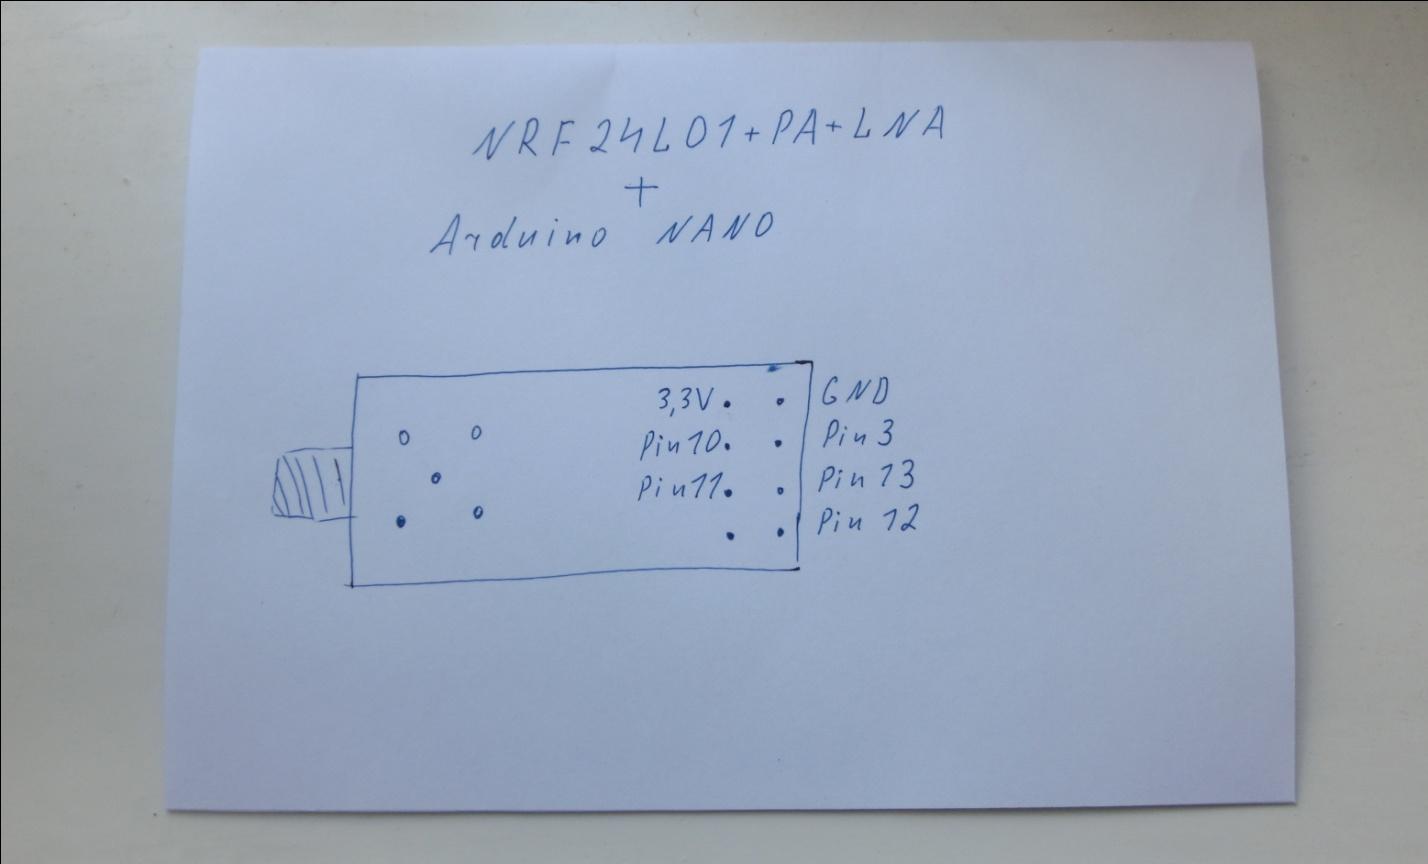 Вот мой вариант подключения и программирования радиомодуля NRF24L01+PA+LNA